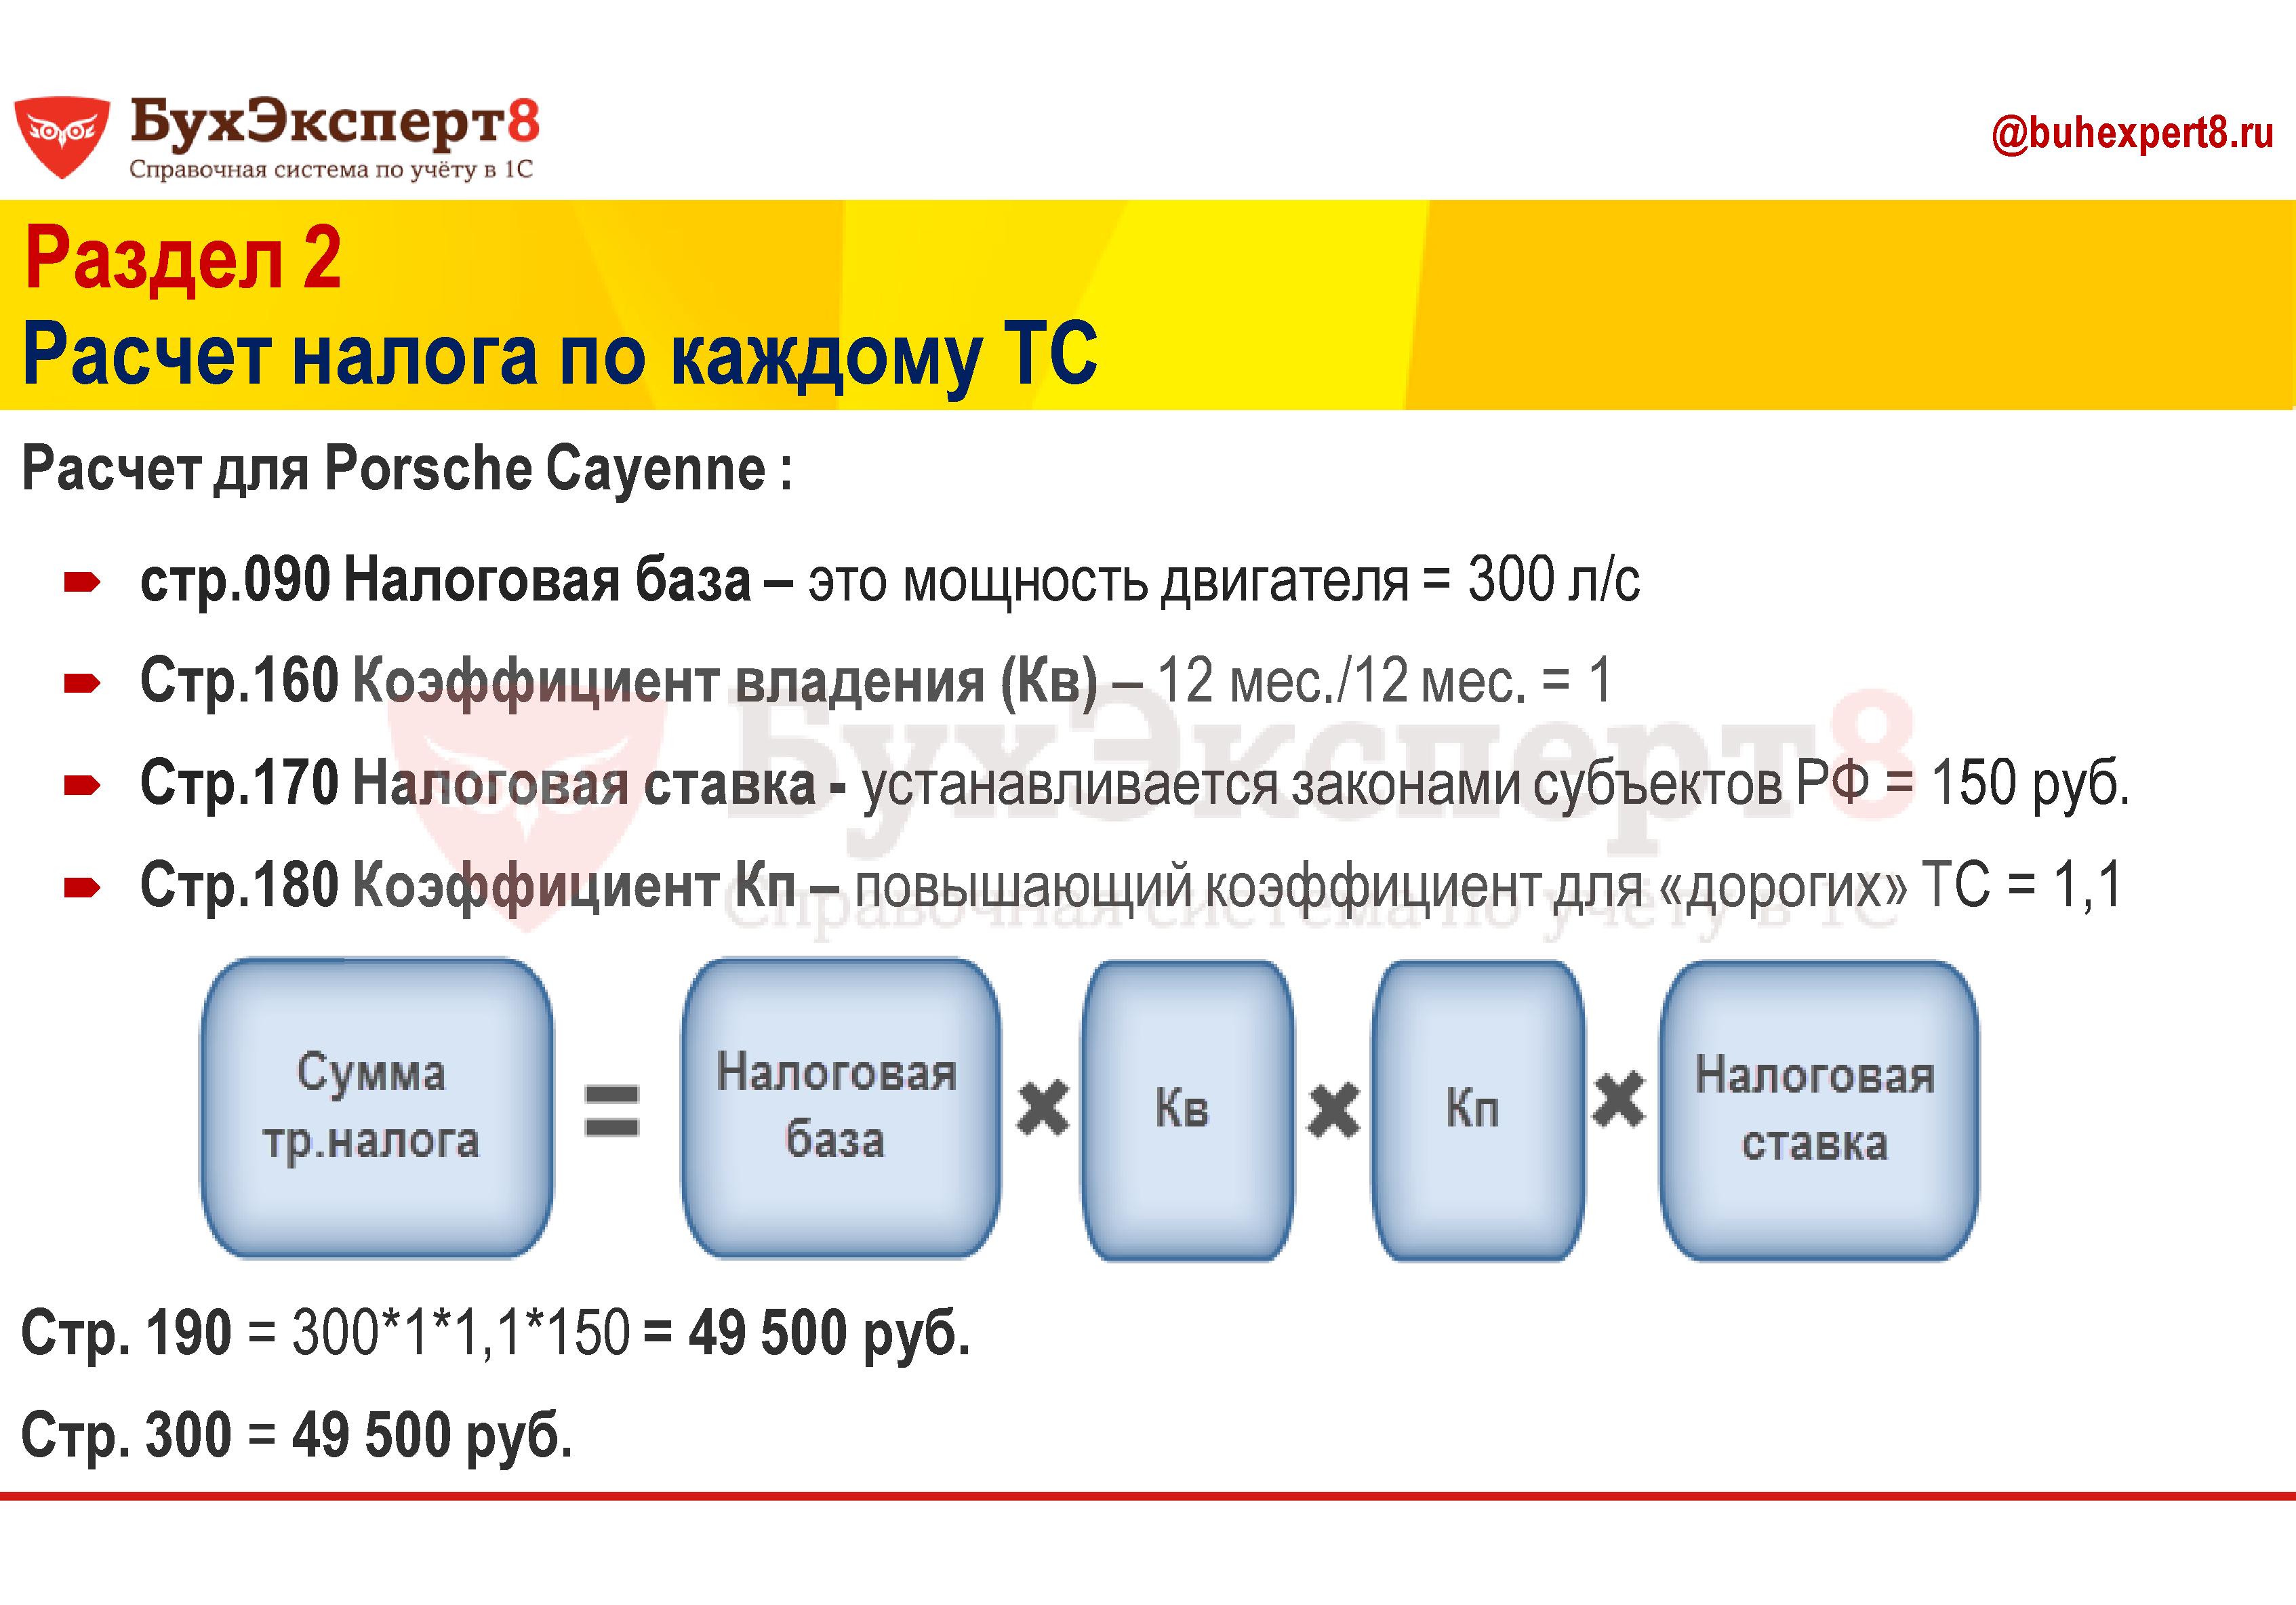 Раздел 2 Расчет налога по каждому ТС Расчет для Porsche Cayenne : стр.090 Налоговая база – это мощность двигателя = 300 л/с Стр.160 Коэффициент владения (Кв) – 12 мес./12 мес. = 1 Стр.170 Налоговая ставка - устанавливается законами субъектов РФ = 150 руб. Стр.180 Коэффициент Кп – повышающий коэффициент для «дорогих» ТС = 1,1 Стр. 190 = 300*1*1,1*150 = 49 500 руб. Стр. 300 = 49 500 руб.